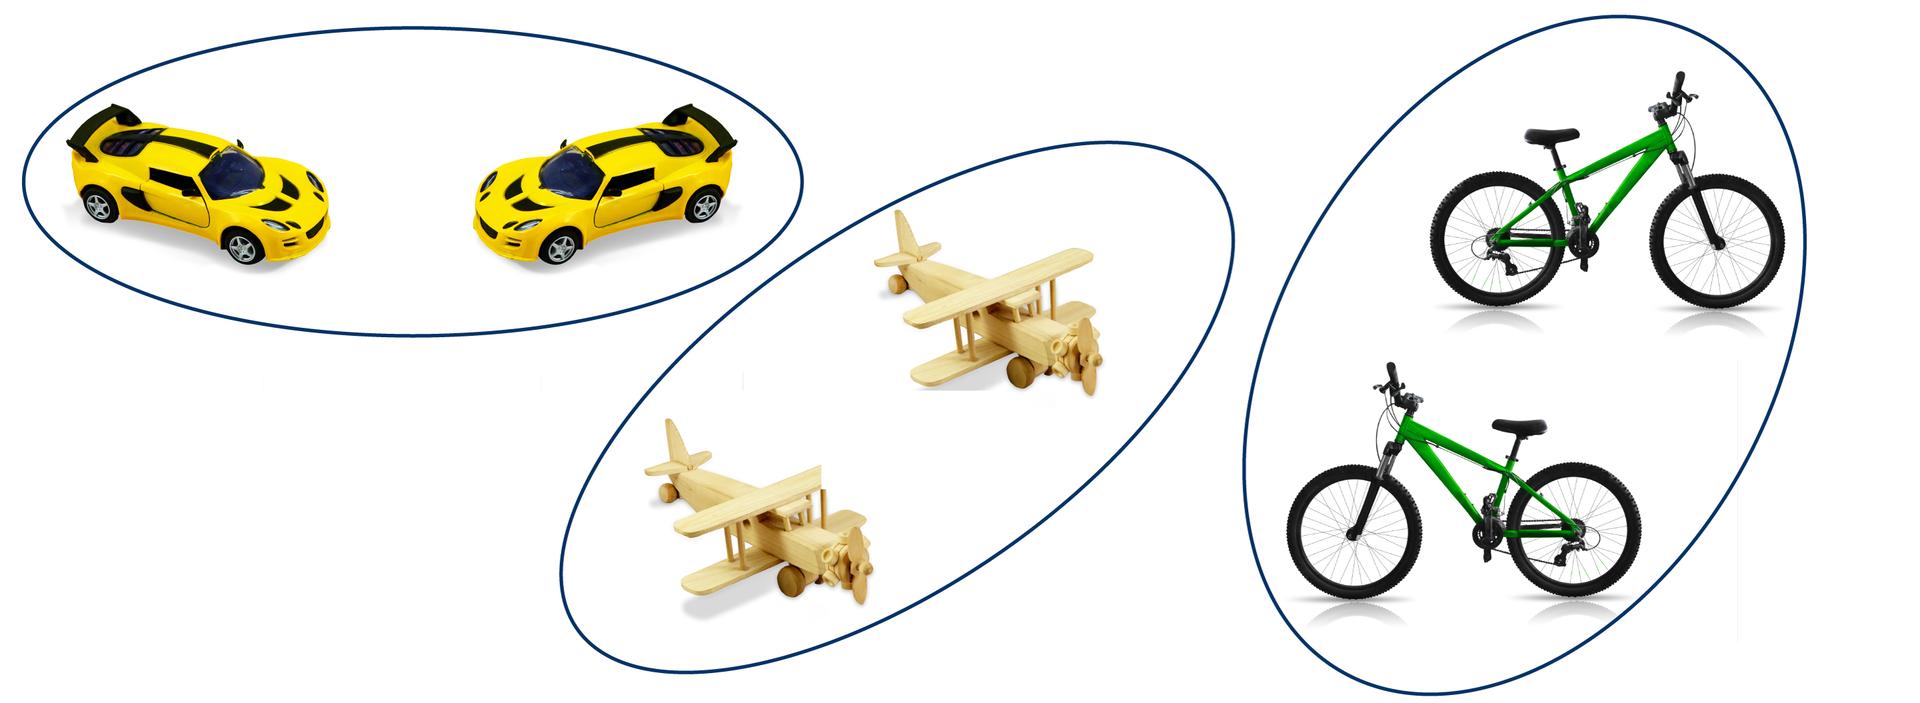 Rysunki trzech par figur podobnych: samochodzików, składanych szybowców irowerów.